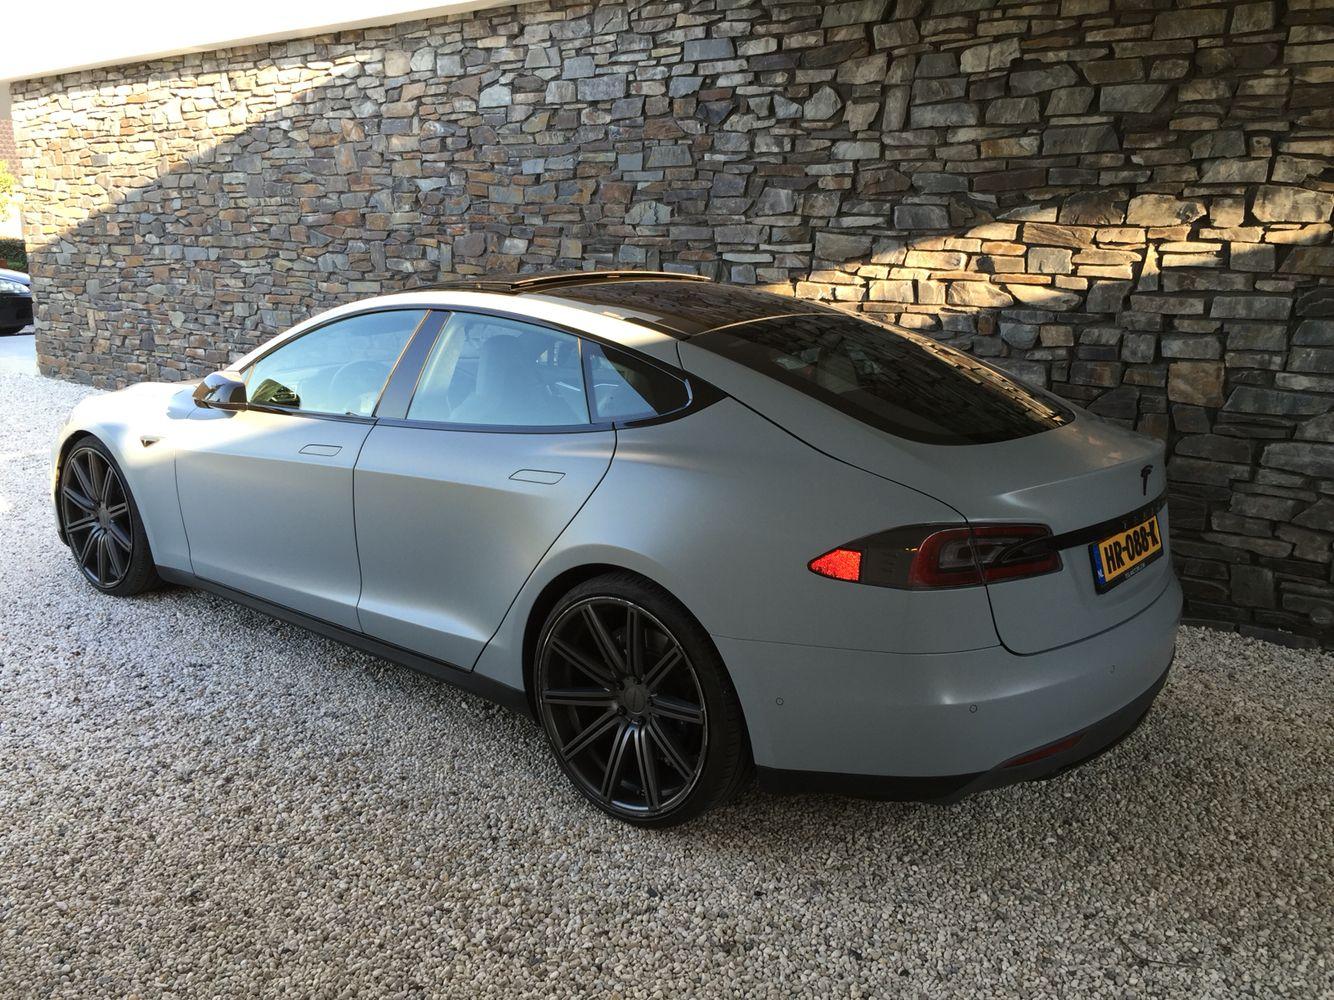 Tesla S Vinyl Wrap Battleship Grey 3m 22 Vossen Wheels Black Out Chroom And Carbon Wrapped Grill Tesla S Tesla Model S Tesla